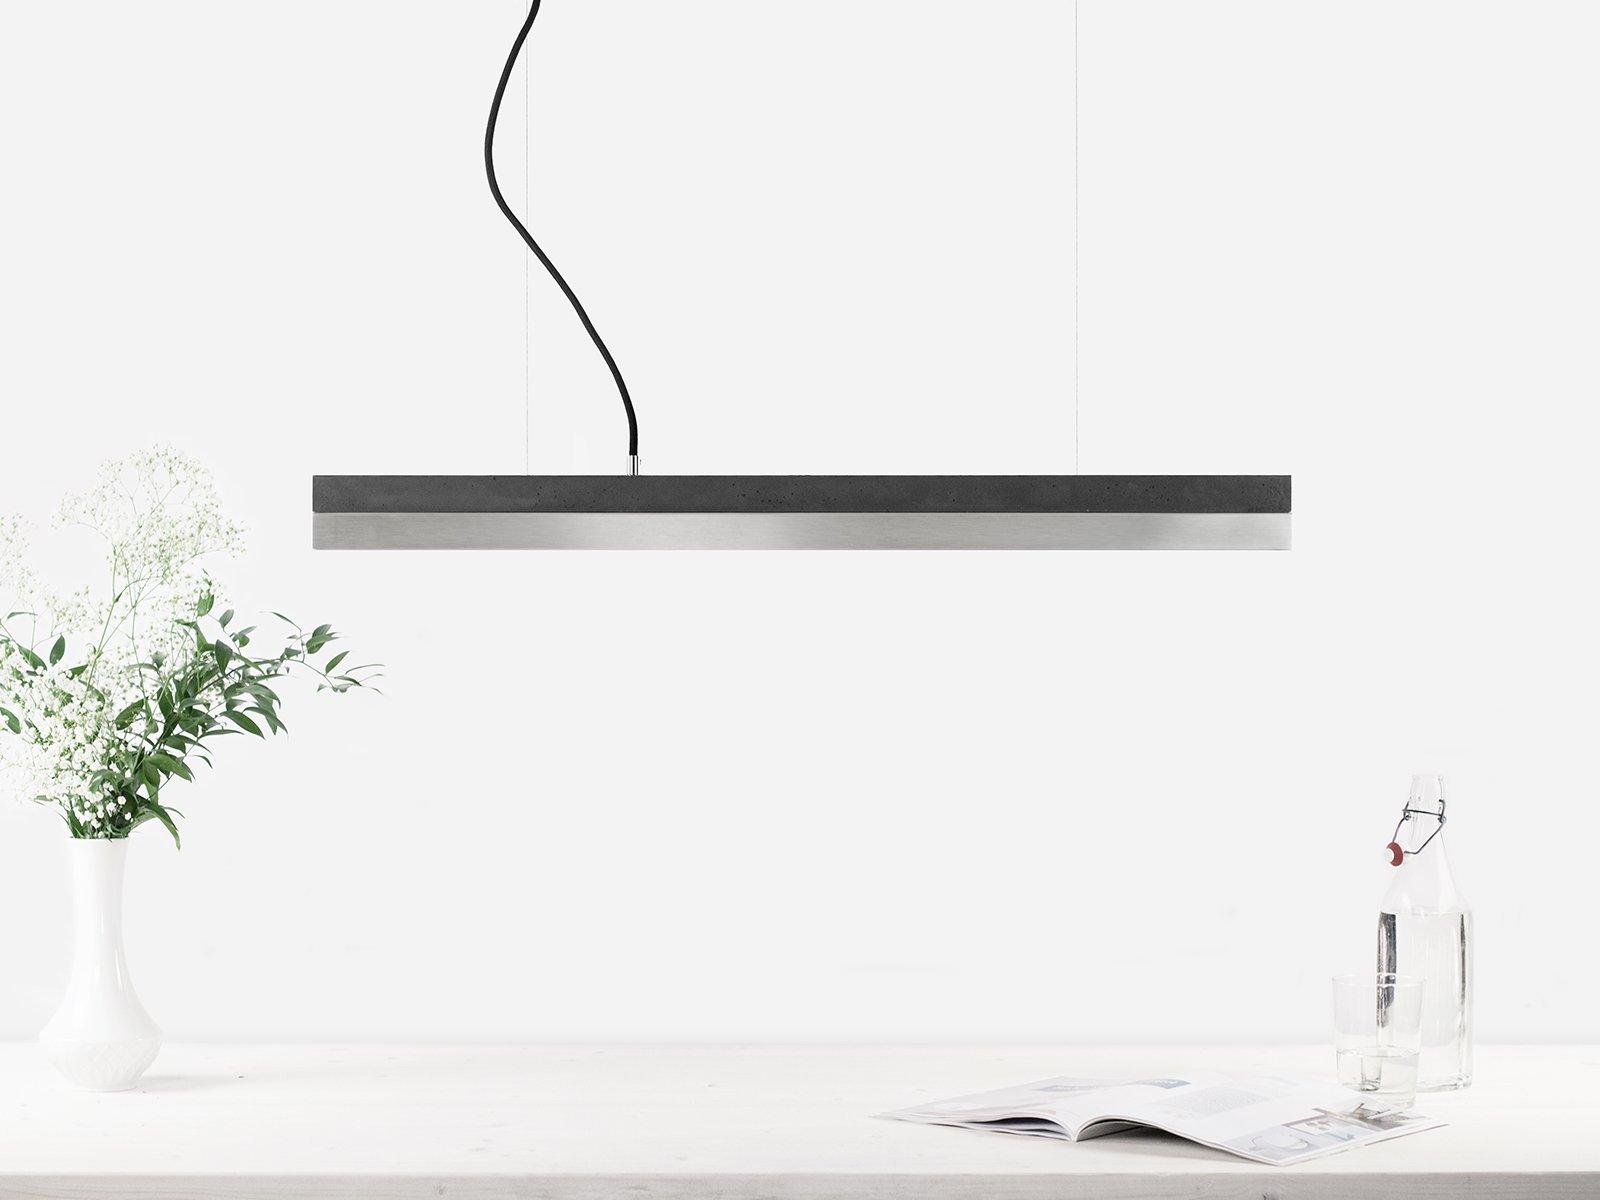 C2 dark concrete stainless steel pendant light by stefan gant for gantlights